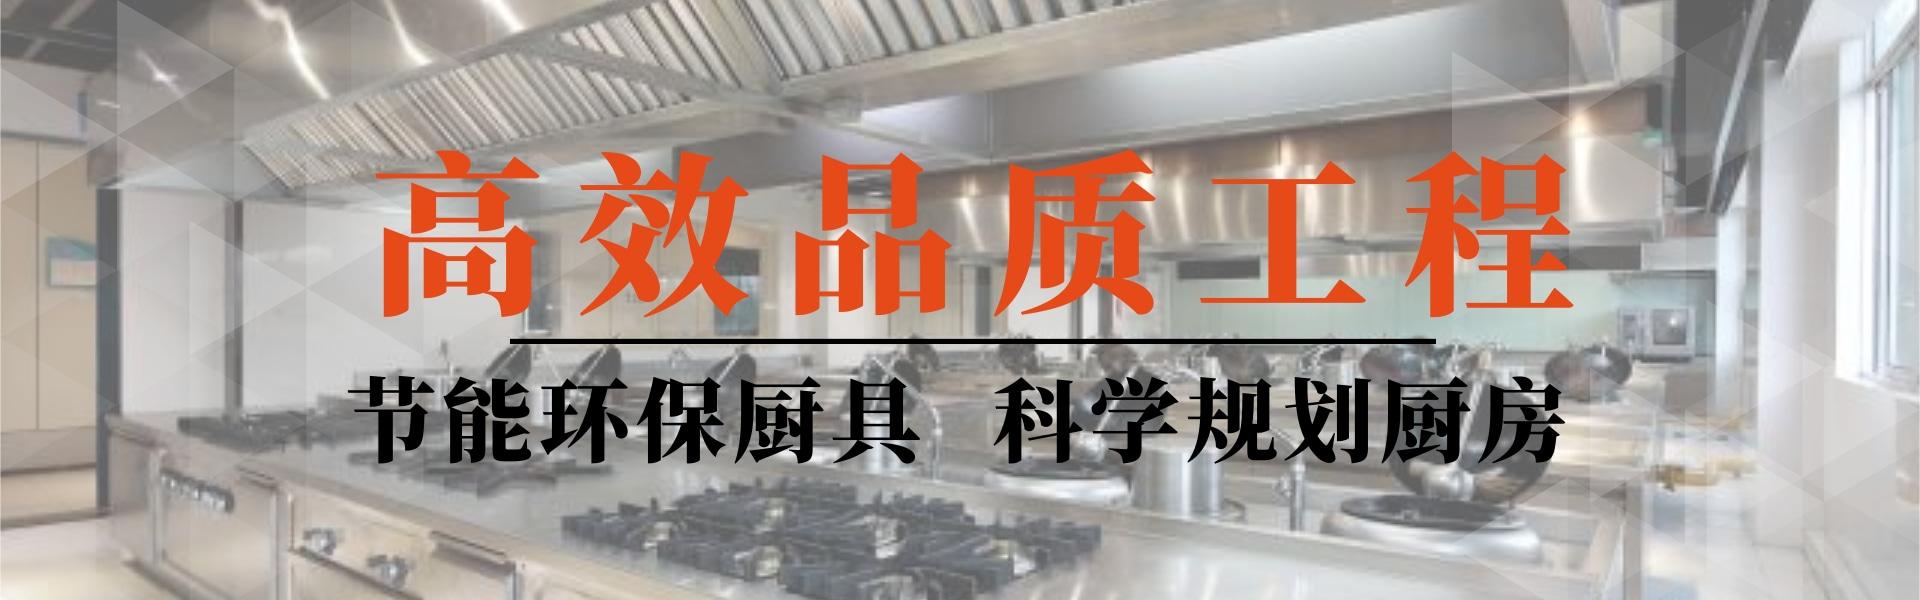 必威官方电脑版厨具